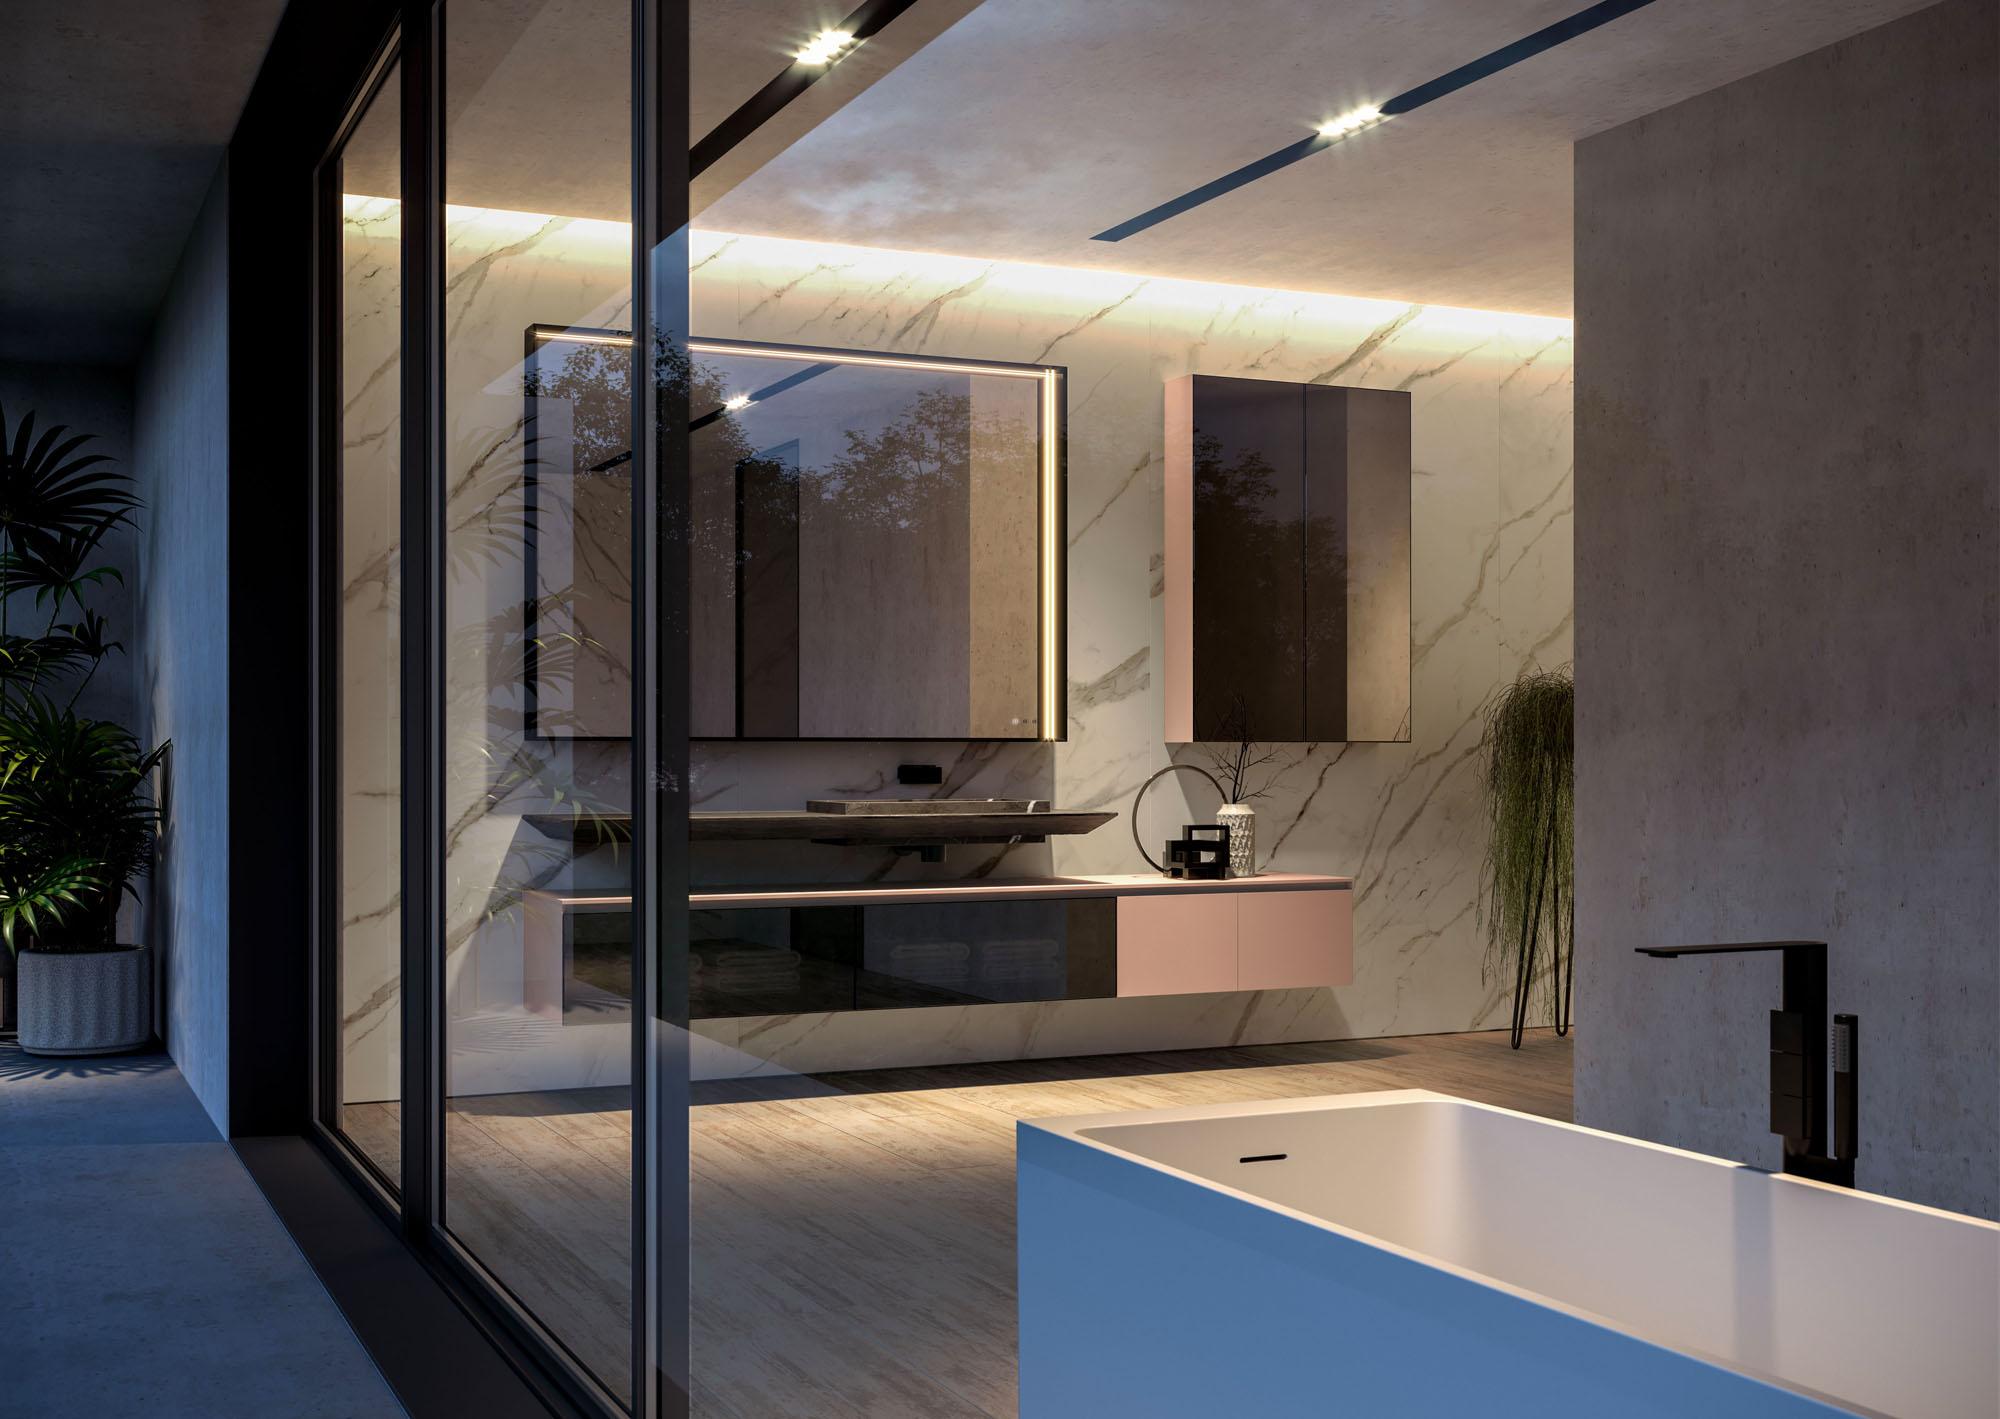 Album Foto Bagni Moderni.Cubik Mobili Da Bagno Moderni Per Arredo Bagno Di Design Ideagroup